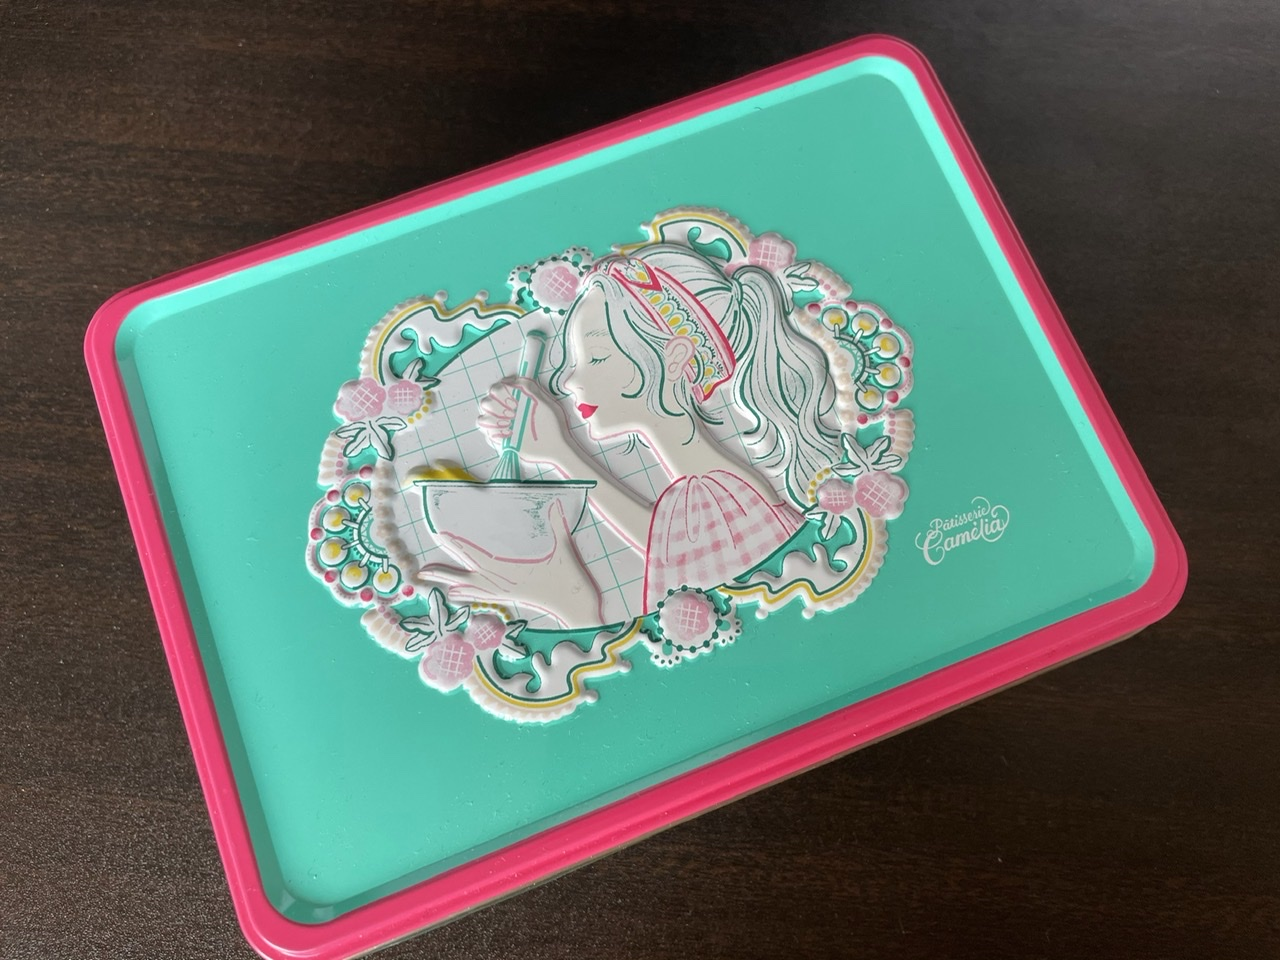 【クッキー缶】ニシイズミユカ × パティスリーカメリア銀座 コラボクッキー缶がかわいい_2